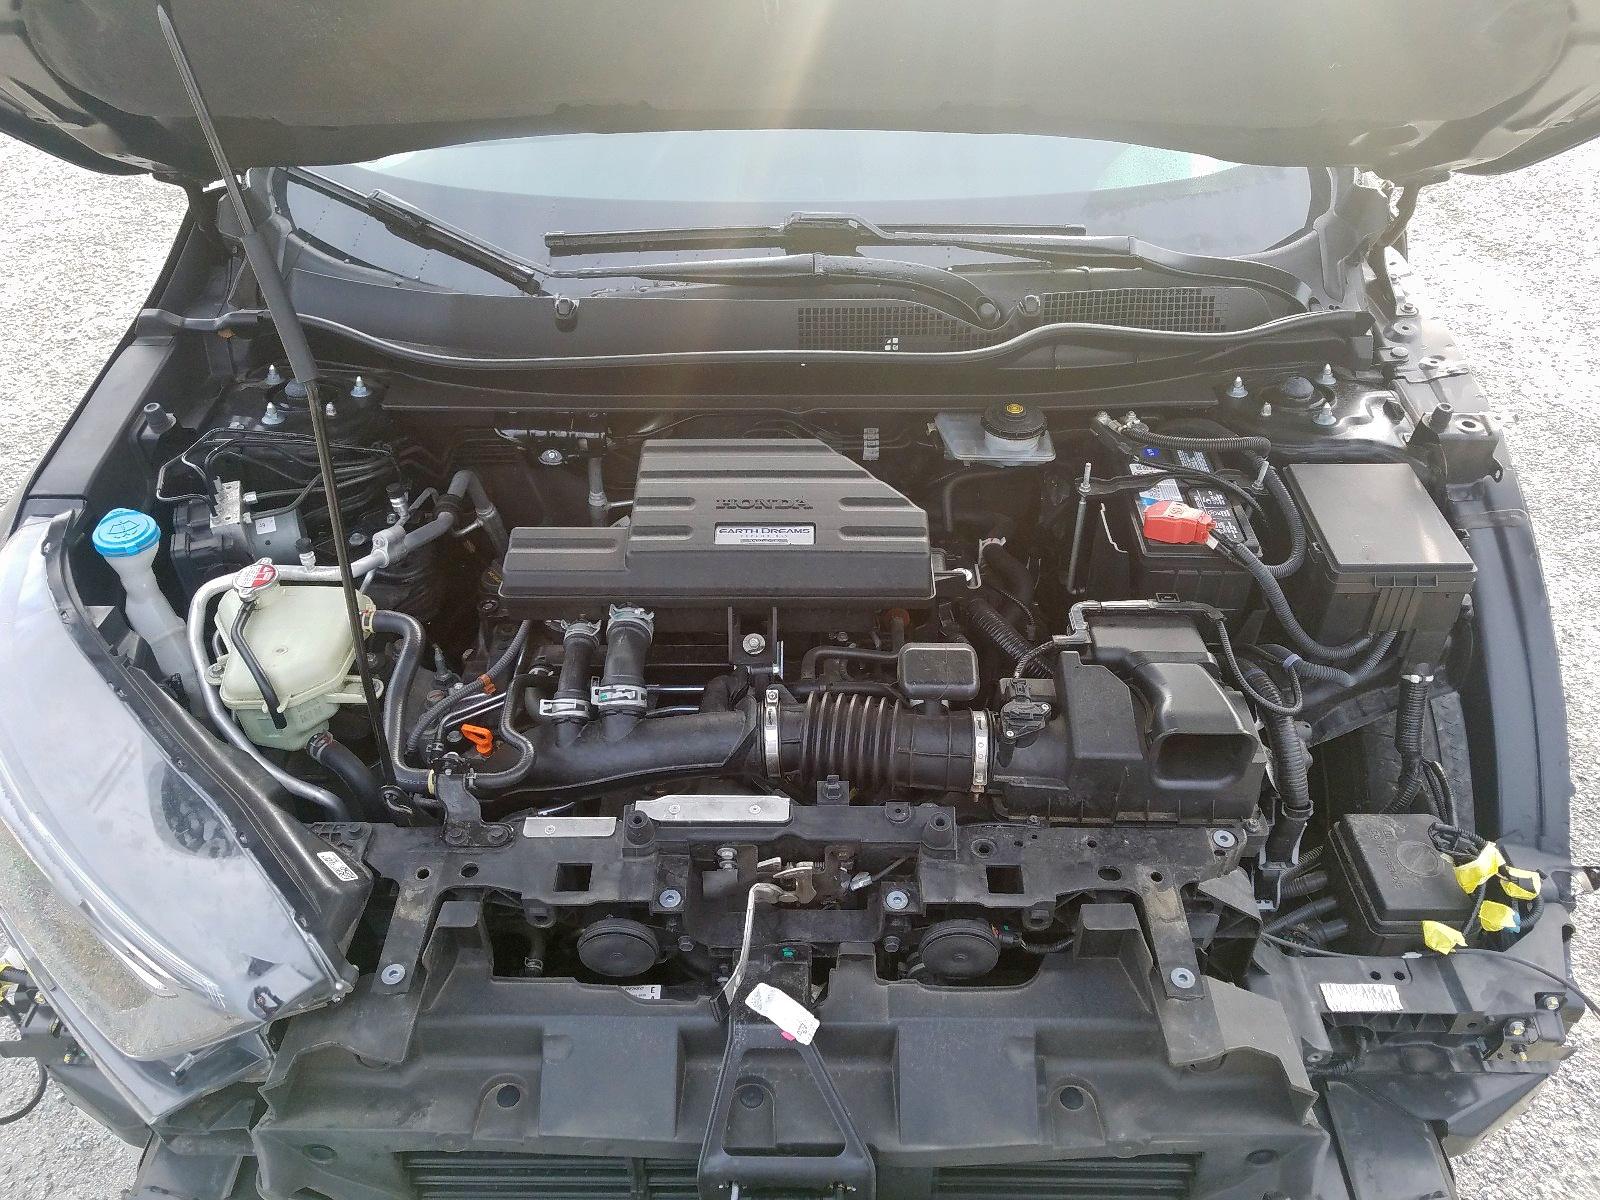 2HKRW2H82HH634940 - 2017 Honda Cr-V Exl 1.5L inside view